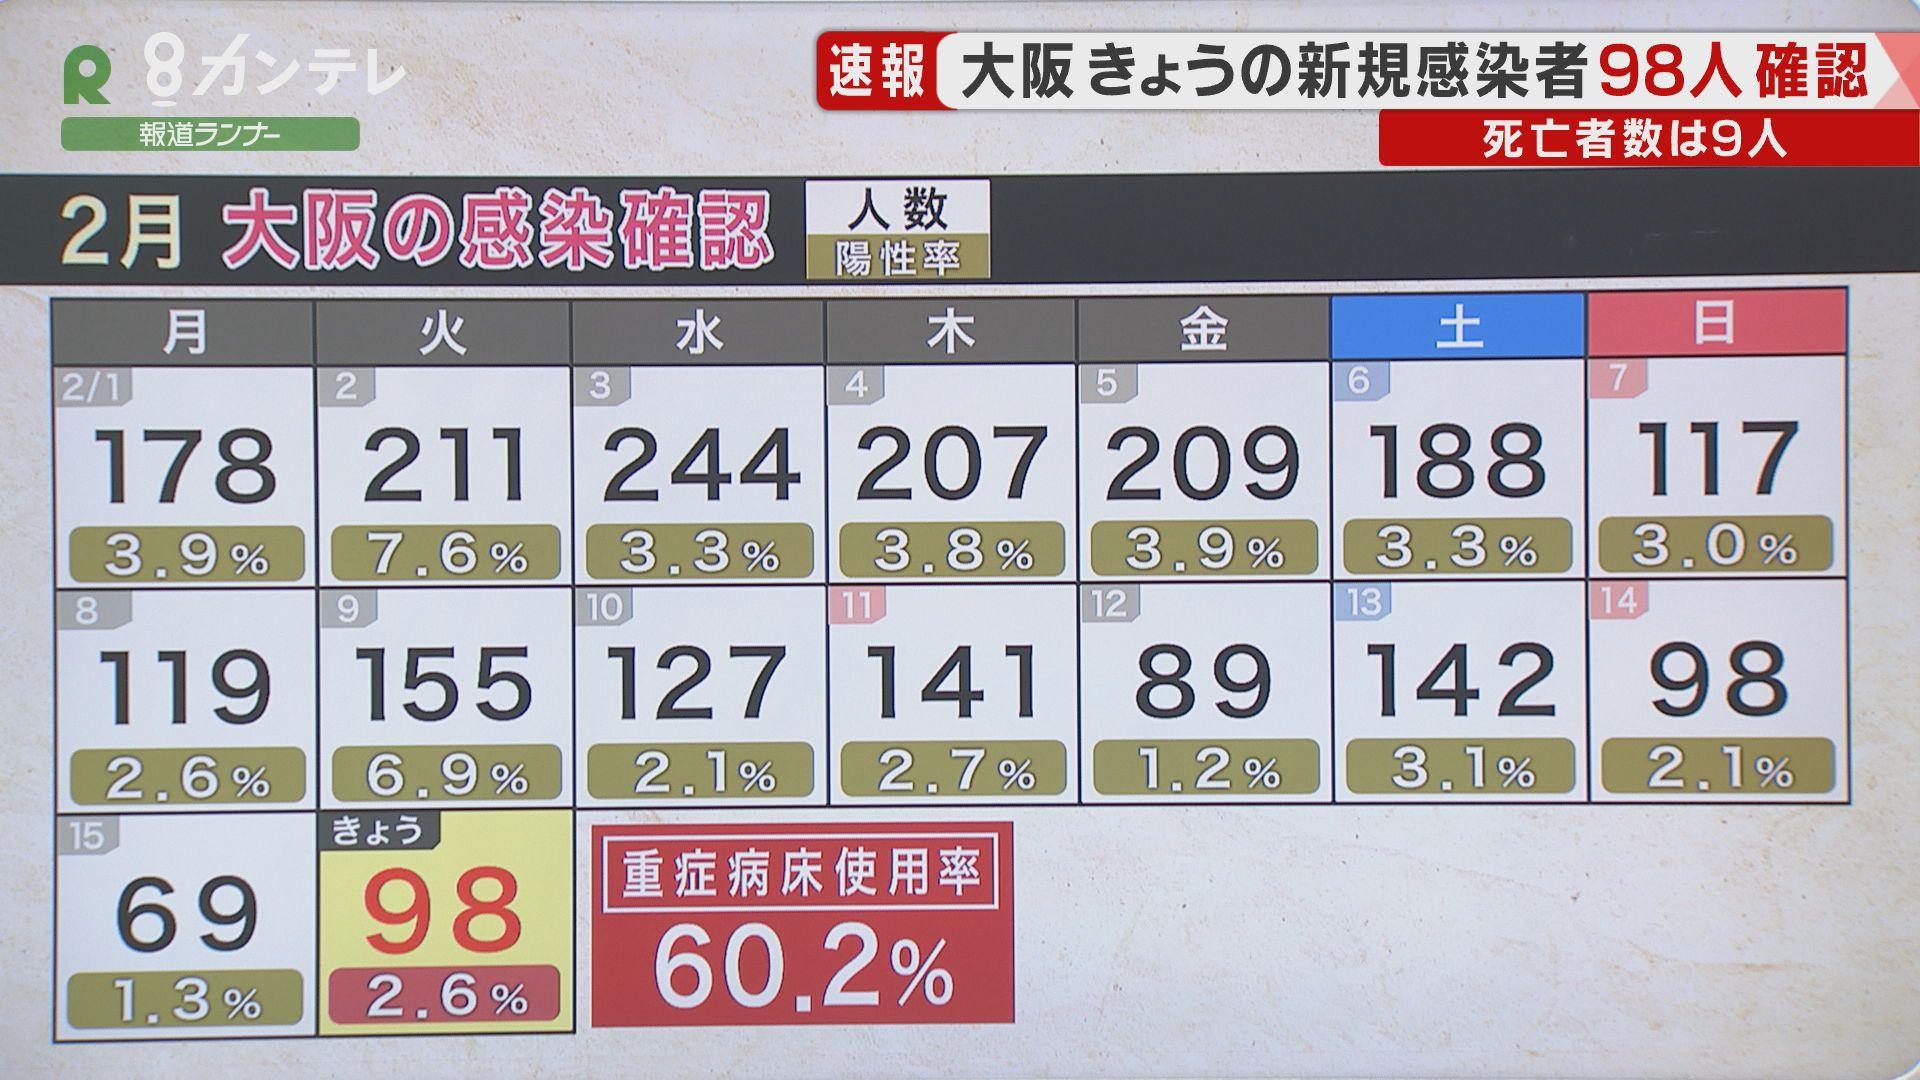 【速報】大阪で新たに98人の感染確認 感染者9人が死亡